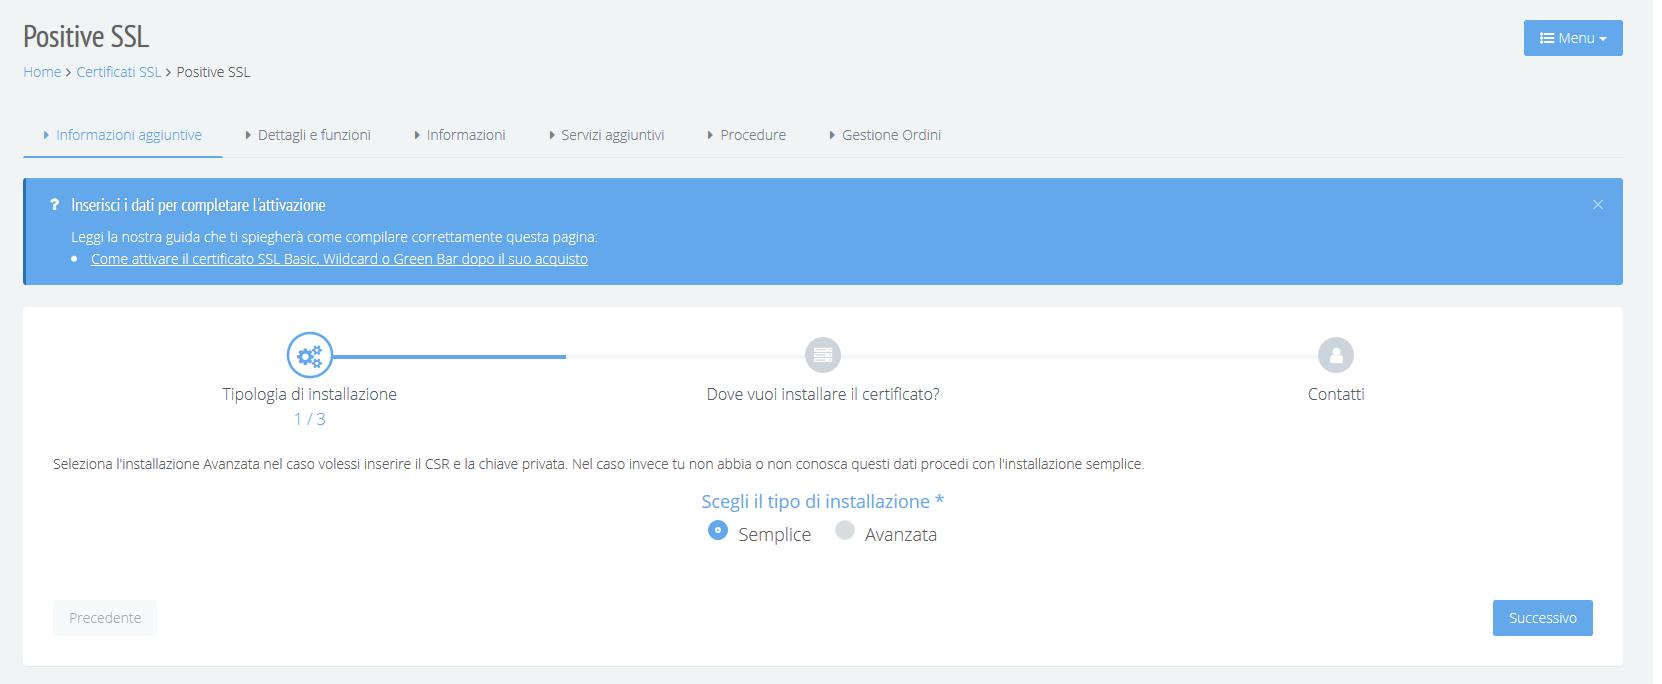 Attivazione certificato SSL